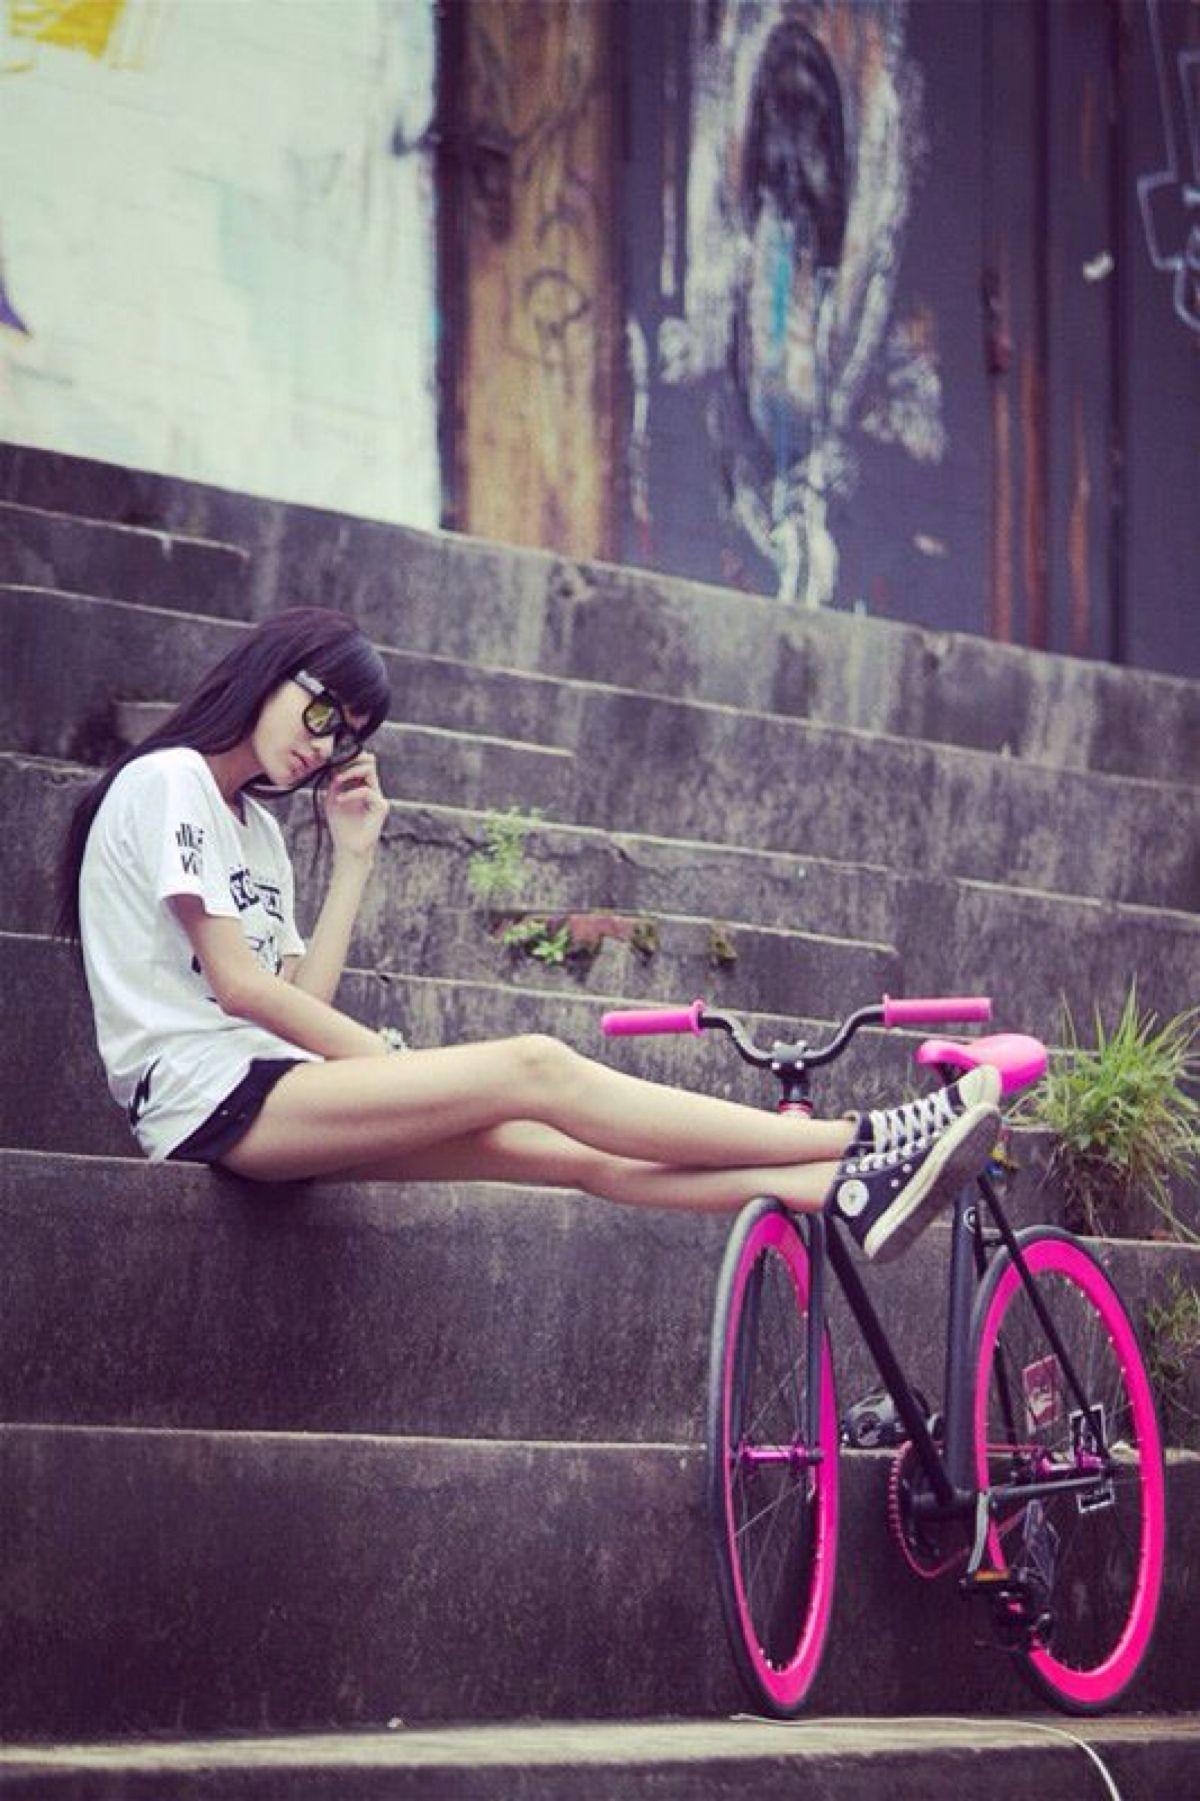 就是要不一样,个性十足的死飞自行车图片分享 图7